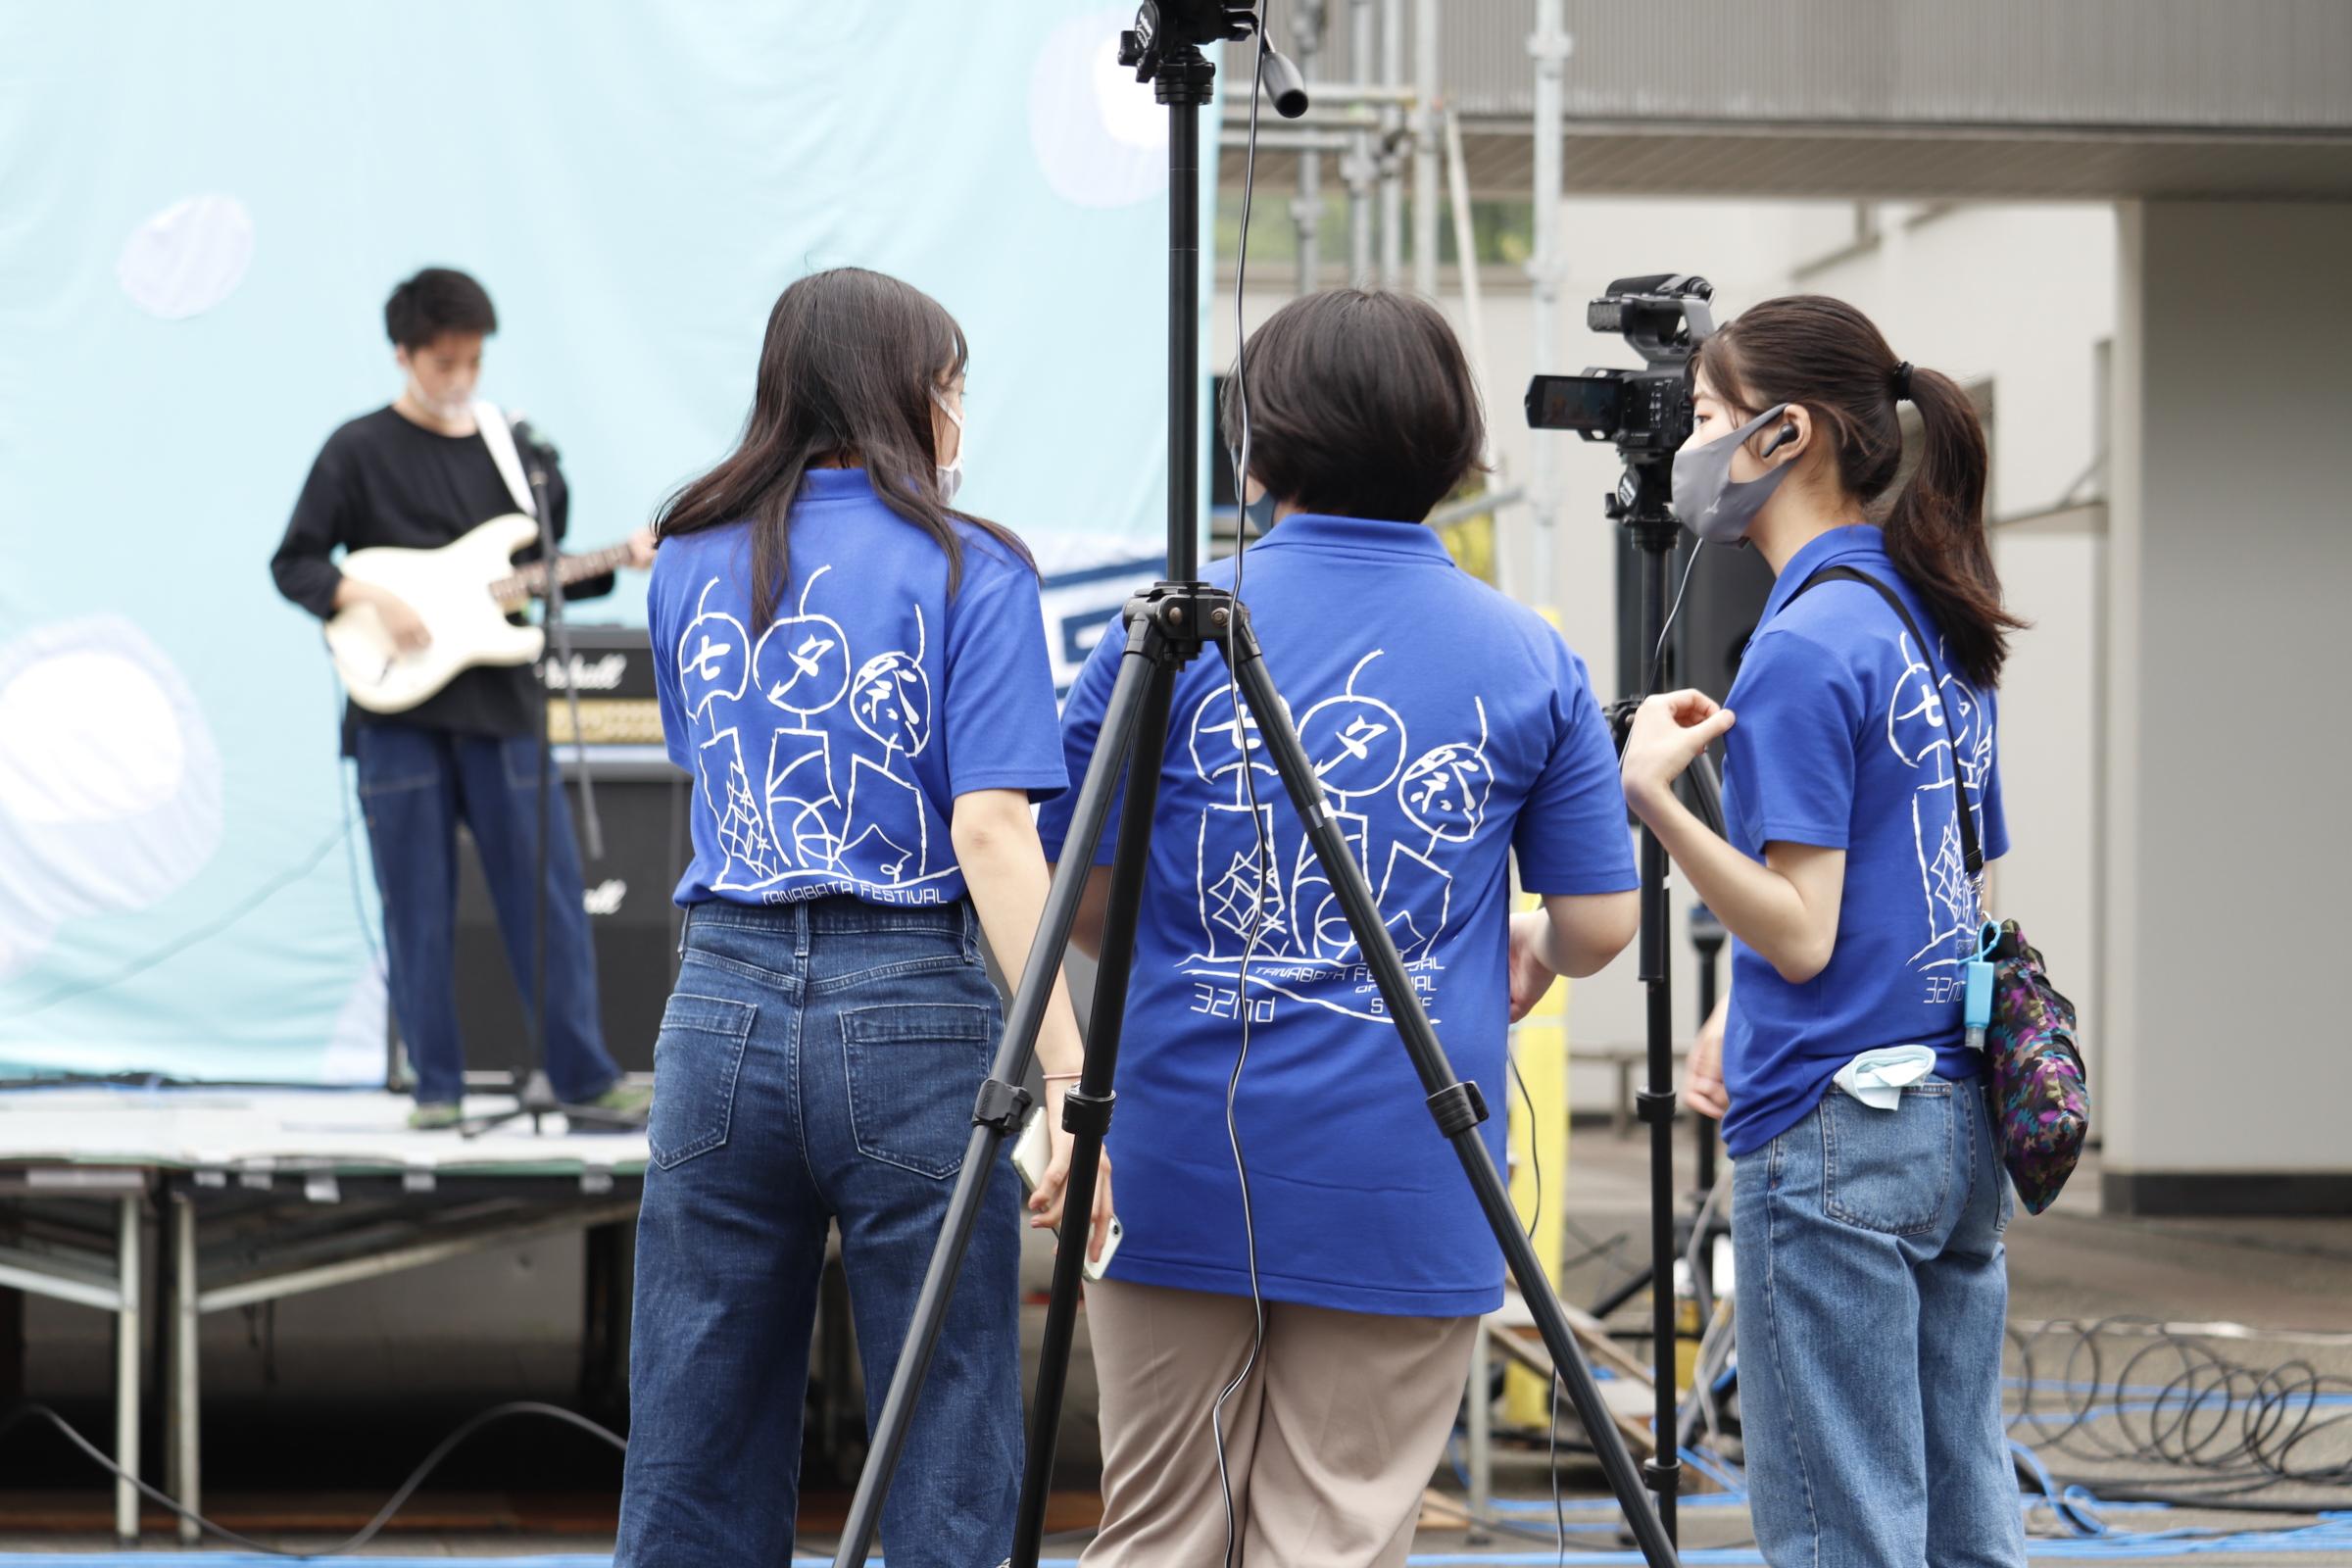 開催までの準備期間中に行われた撮影の様子